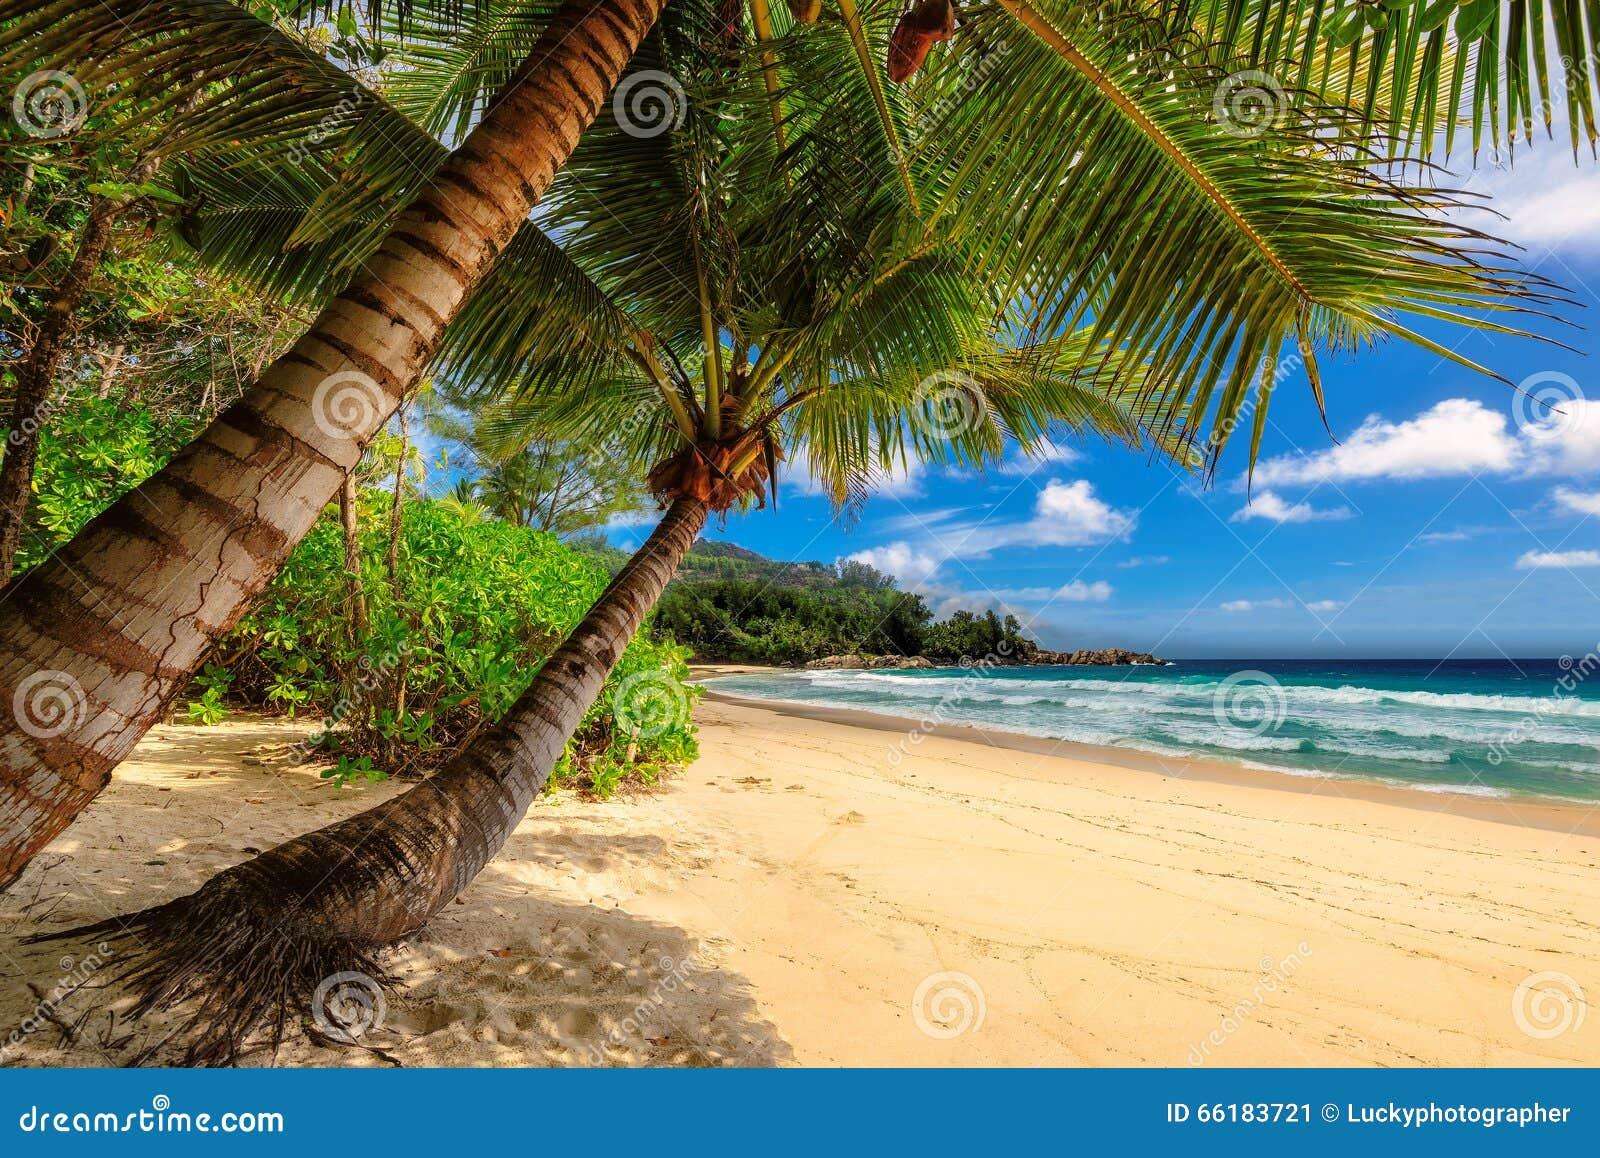 tropische palmen setzen in jamaika auf karibischem meer auf den strand stockbild bild von. Black Bedroom Furniture Sets. Home Design Ideas